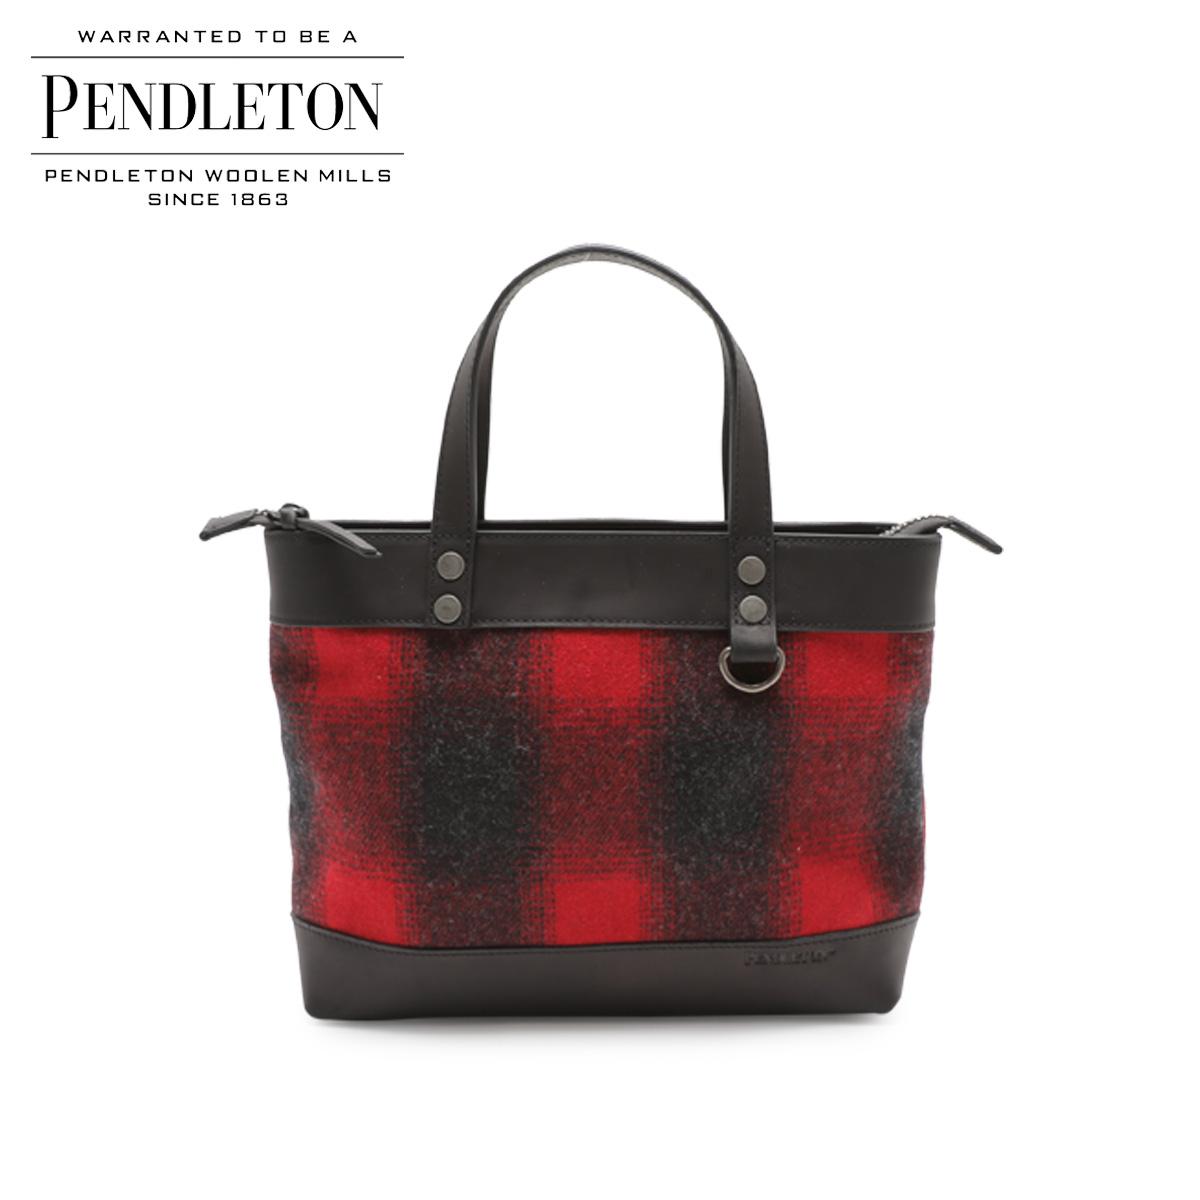 PENDLETON WOOL BAG WITH STRAP ペンドルトン バッグ トートバッグ ショルダー メンズ レディース レッド GD143